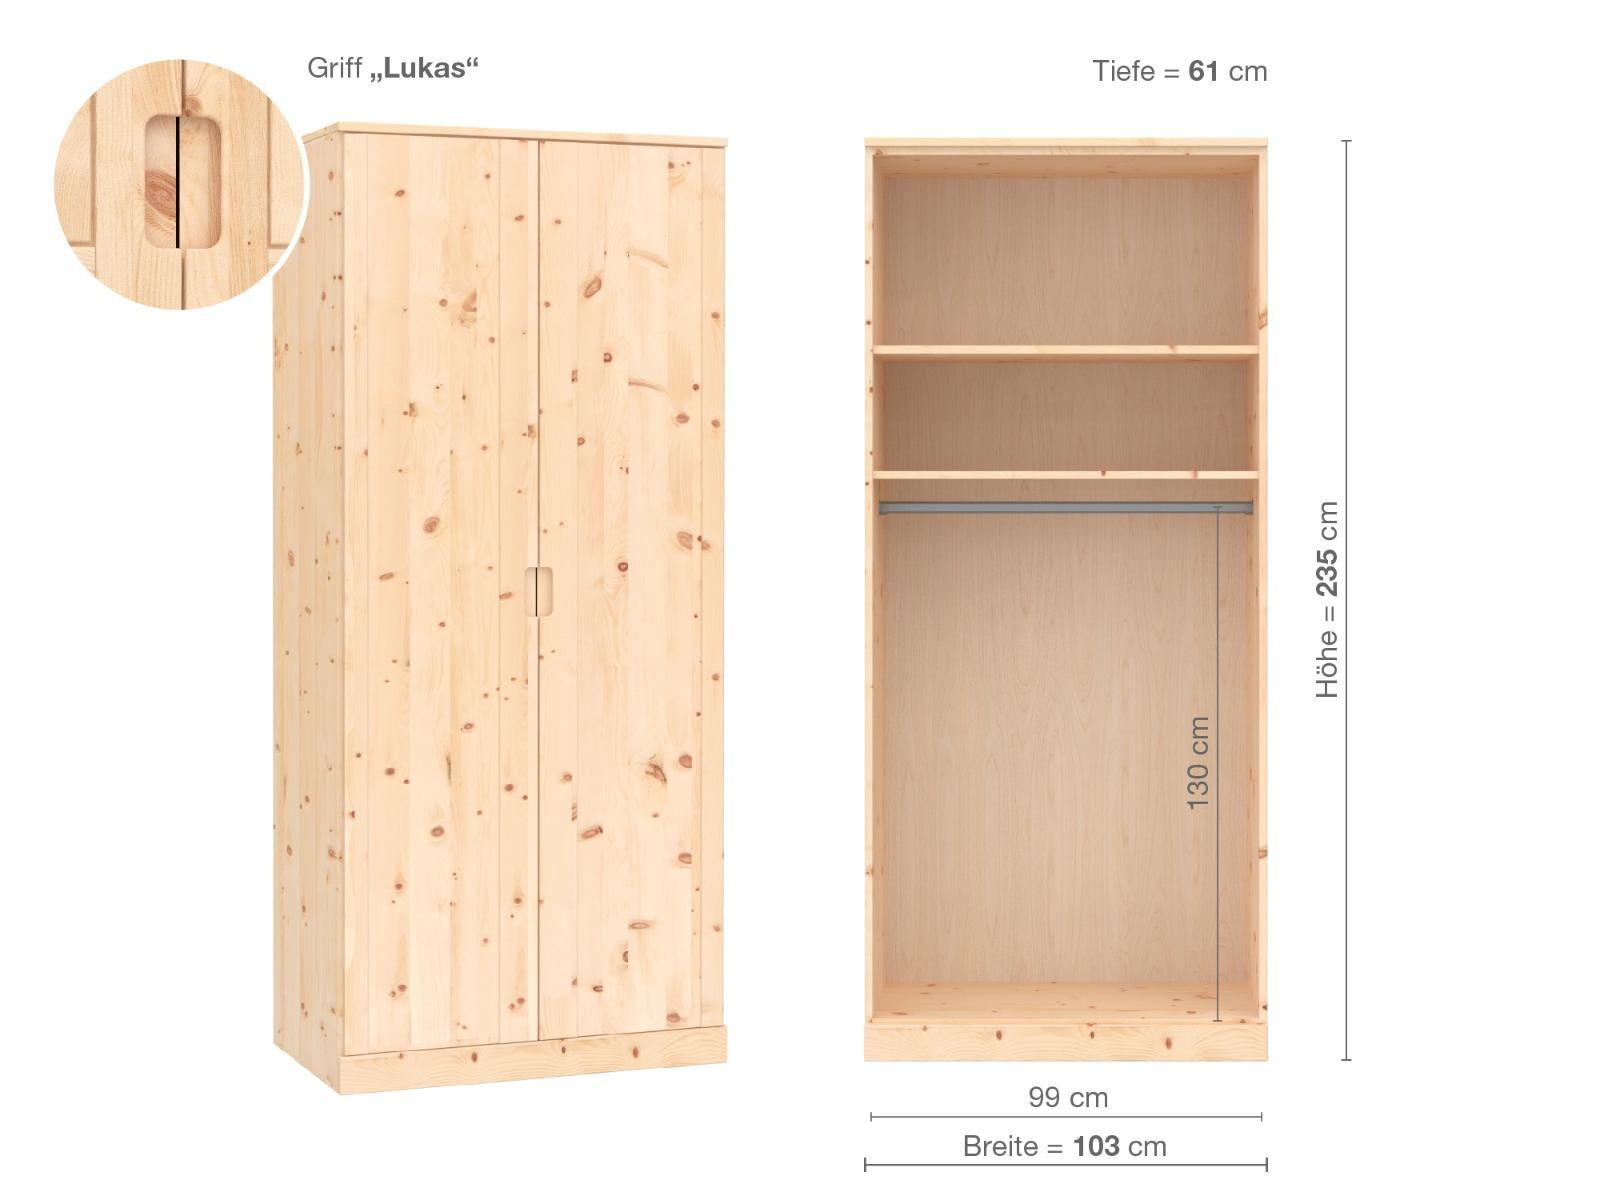 """Zirbenschrank """"Arnika"""", 2-türig, 235 cm, Griffausführung """"Lukas"""", Inneneinrichtung A"""